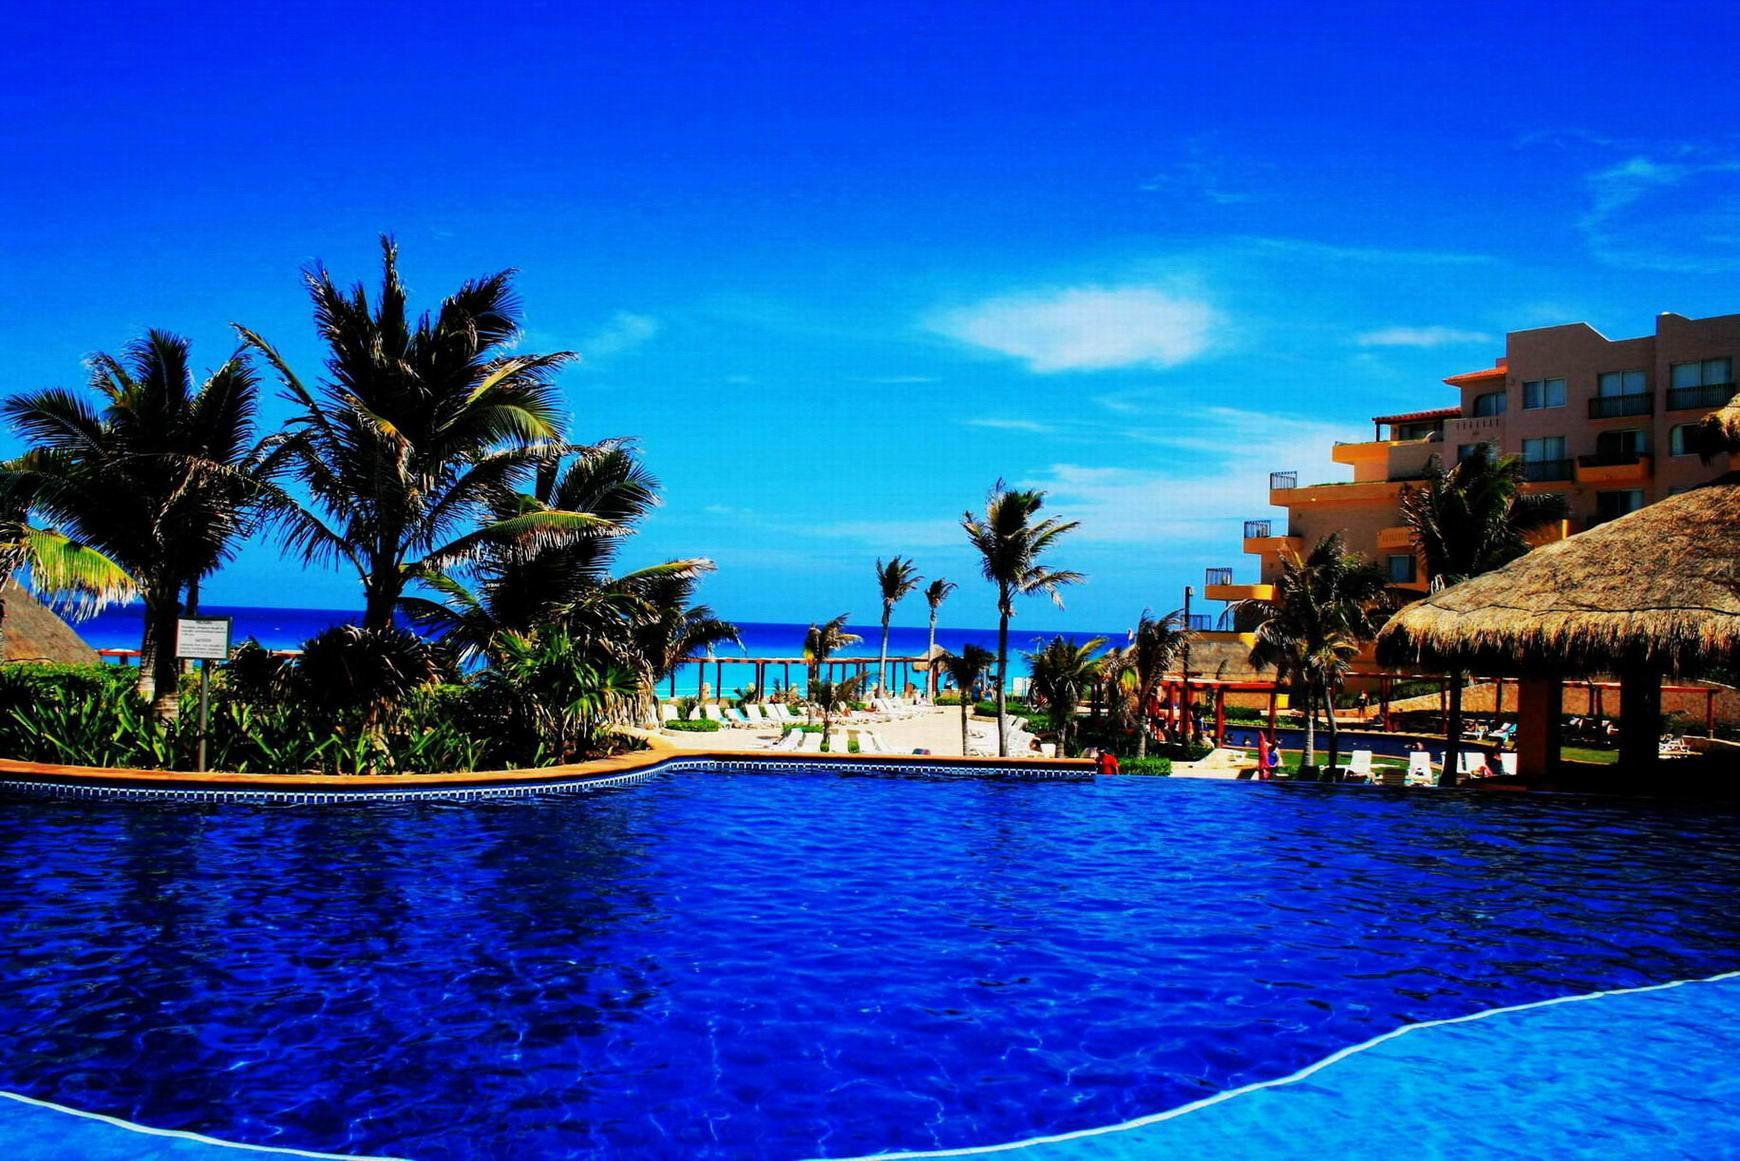 Cancun Wallpaper Desktop - WallpaperSafari